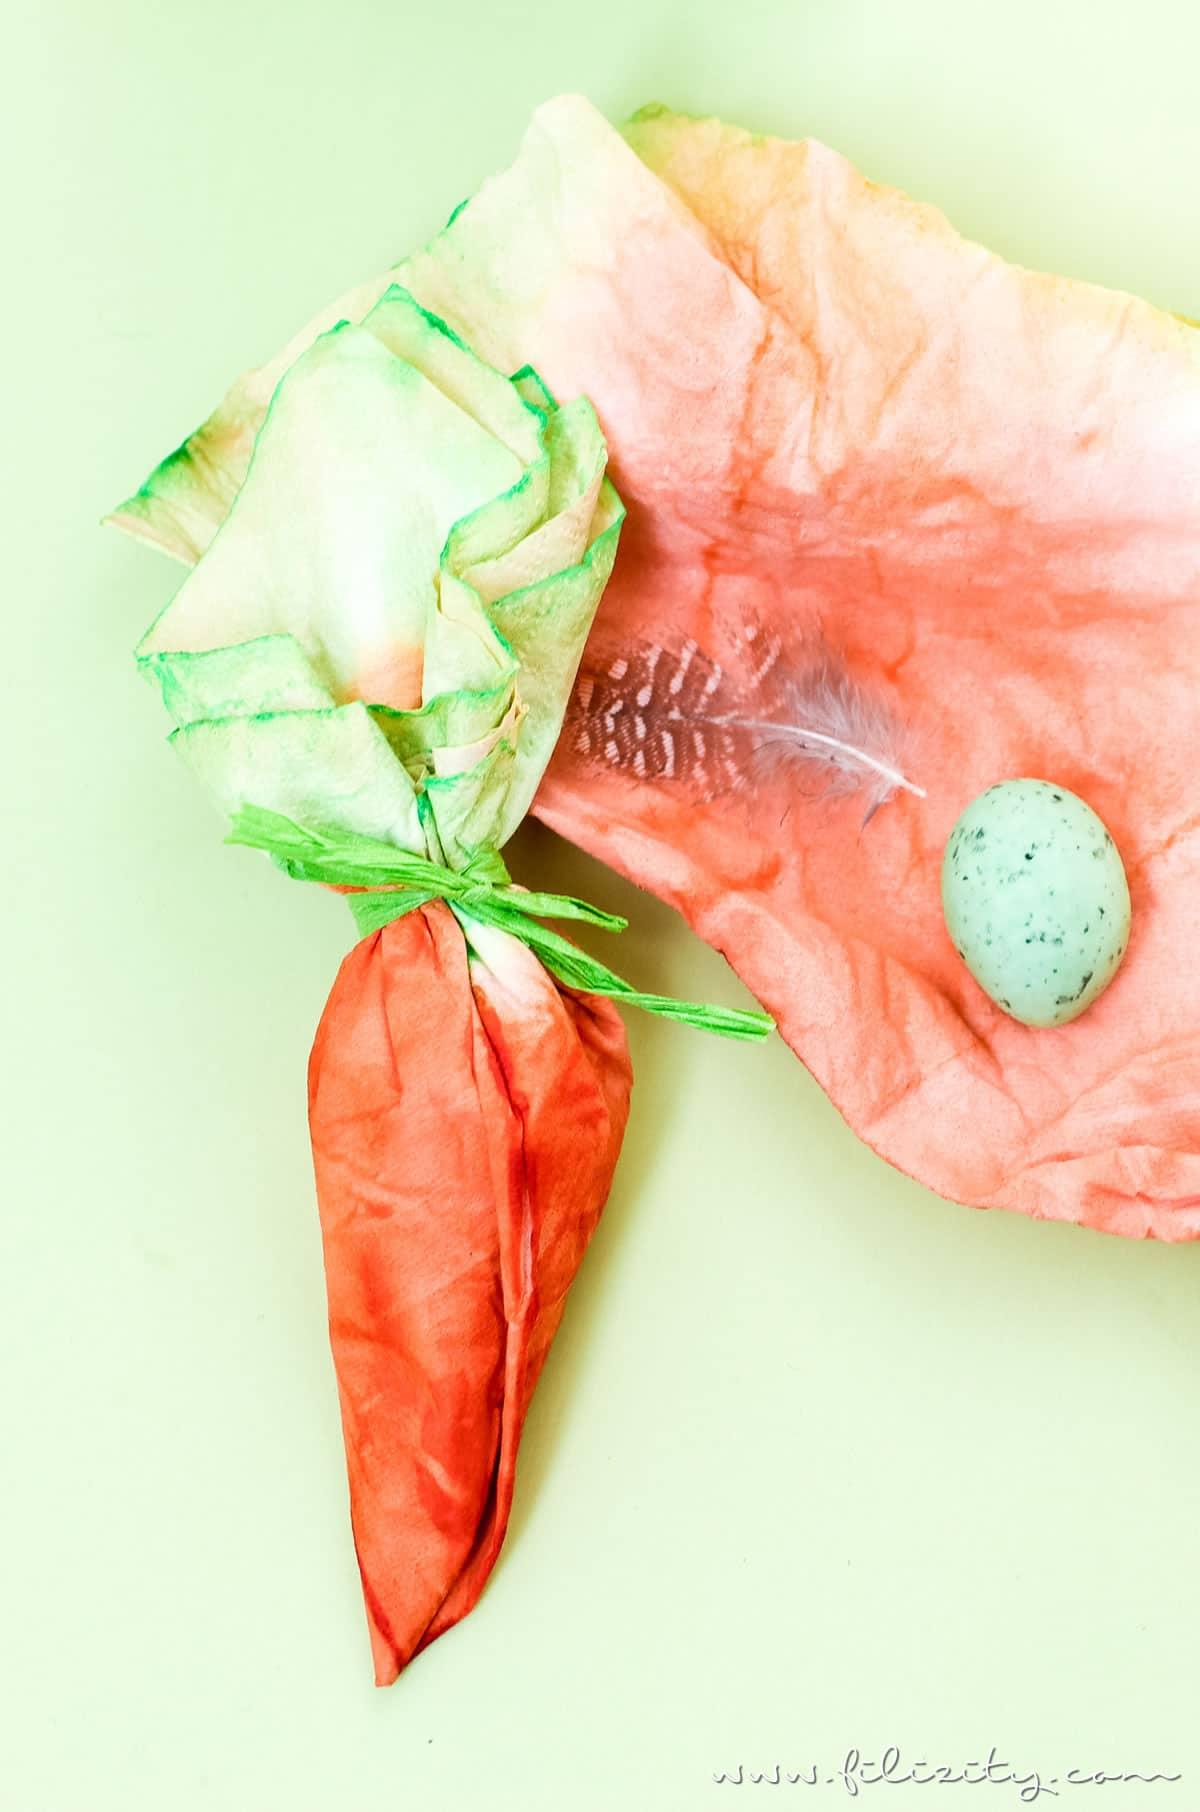 Ostergeschenke verpacken: DIY Taschentuch-Möhrchen - HANDMADE Kultur